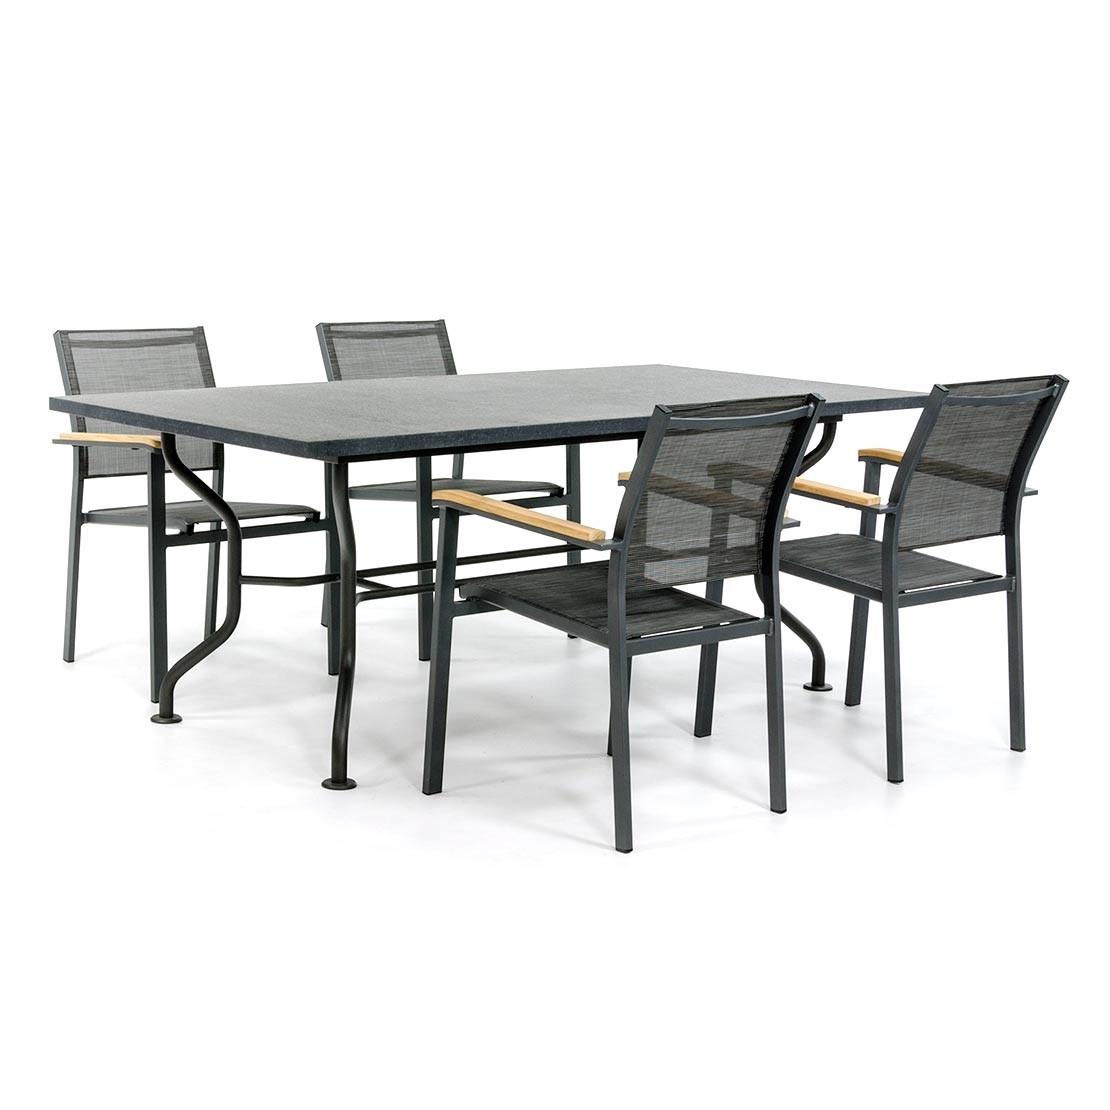 Basalt Gartentisch mit Textilene Stühlen